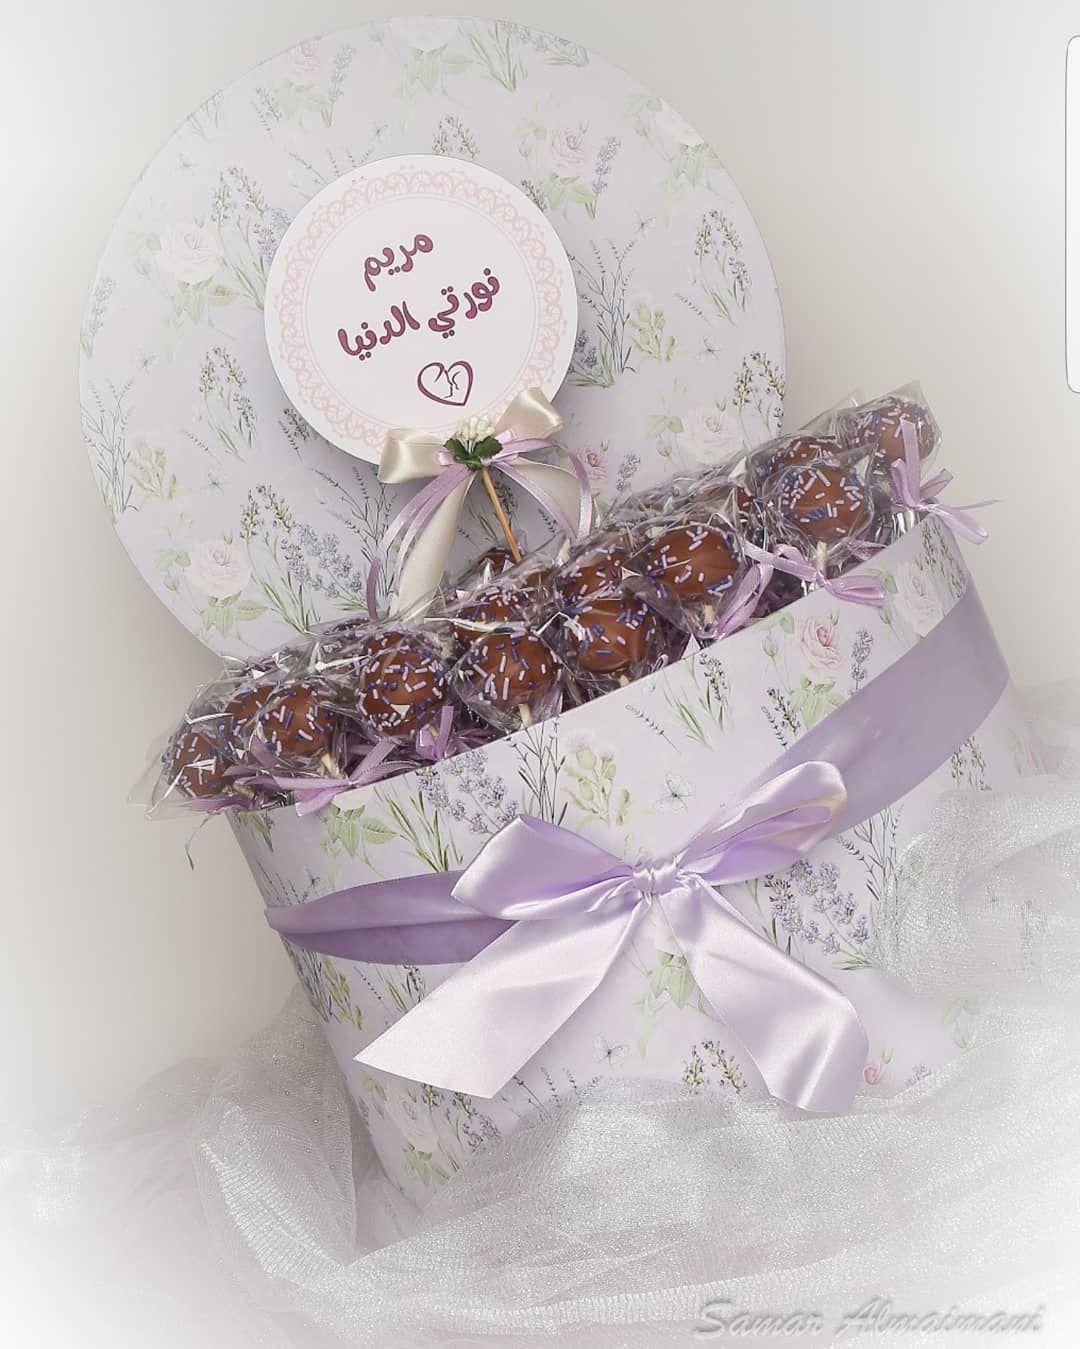 كيك بوب توزيعات لمناسبة ولادة شوكولاته جده شوكولاته كيك كيك بوب توزيعات مناسبات حفلات موف جدة حلى نكهات Jeddah Food J Chocolate Cake Desserts